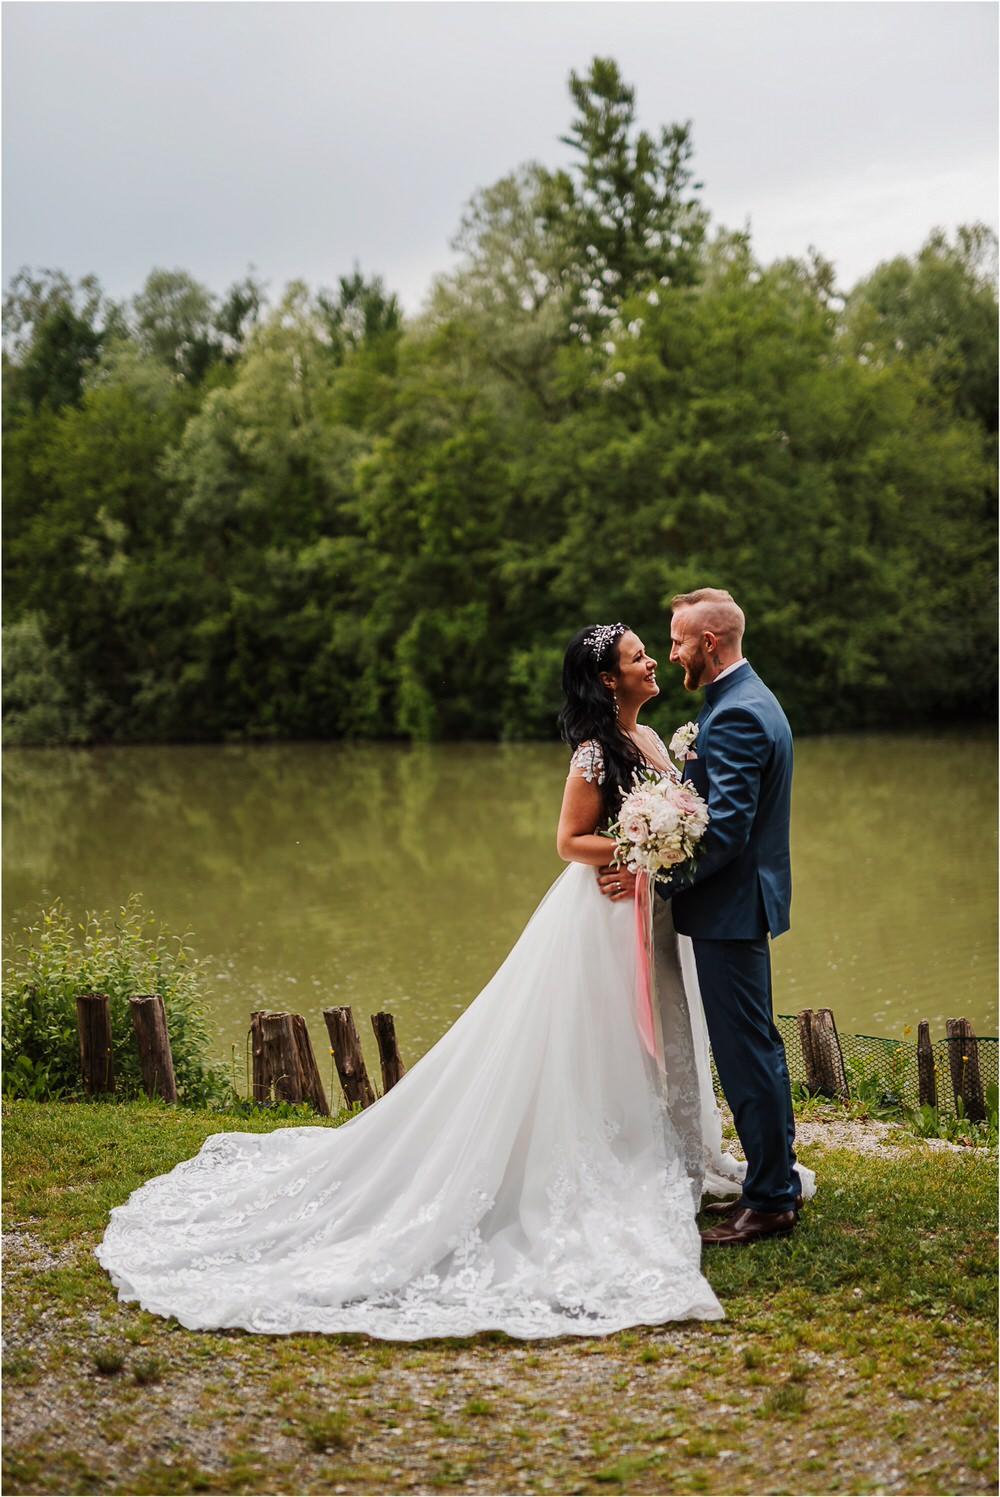 skedenj poroka porocni fotograf fotografiranje elegantna poroka rustikalna poroka pod kozolcem pcakes velesovo mdetail nika grega 0073.jpg